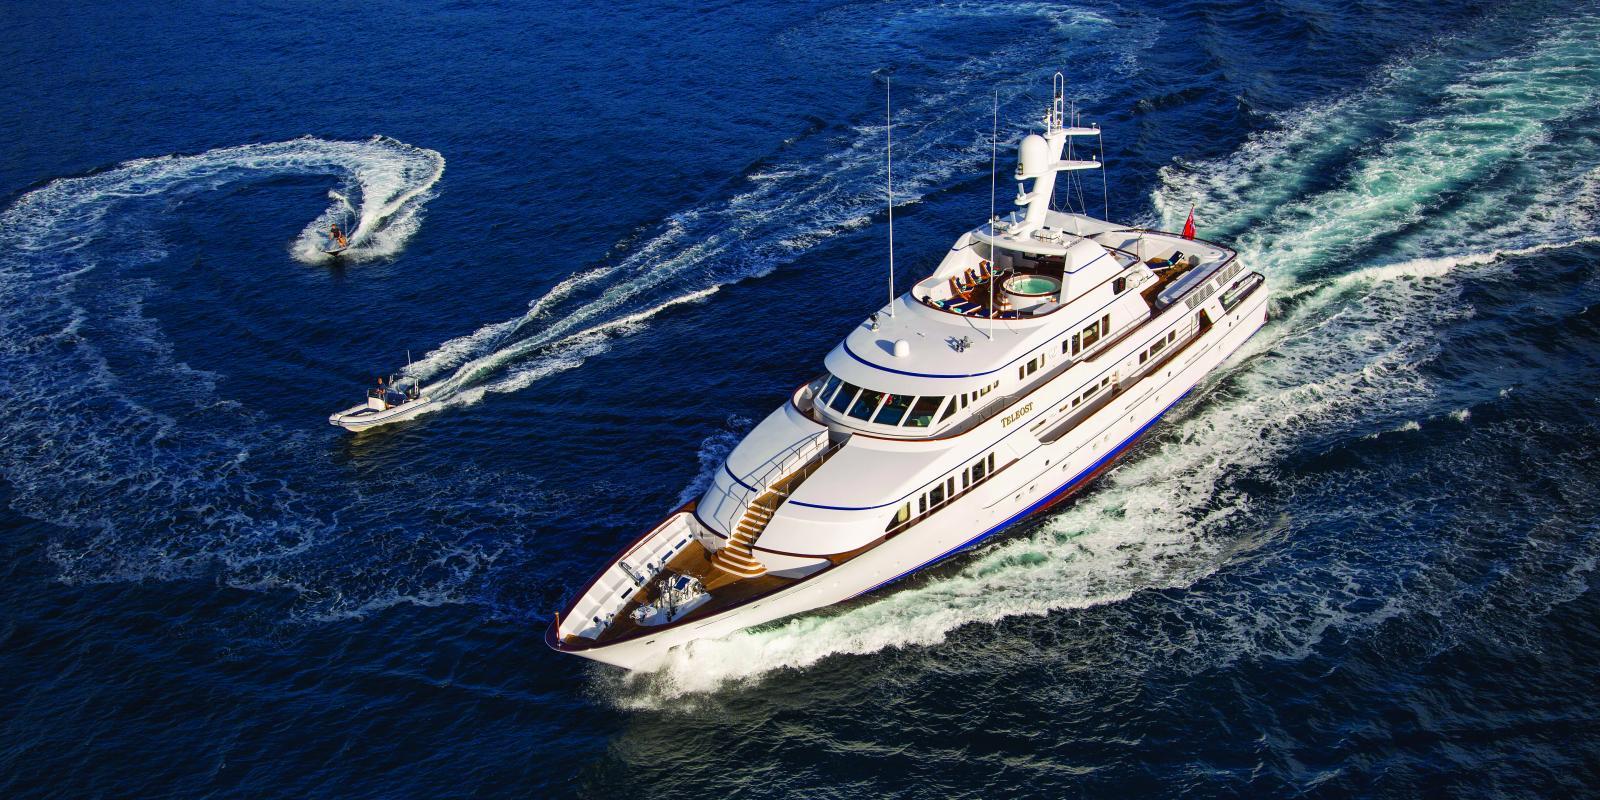 Large yacht